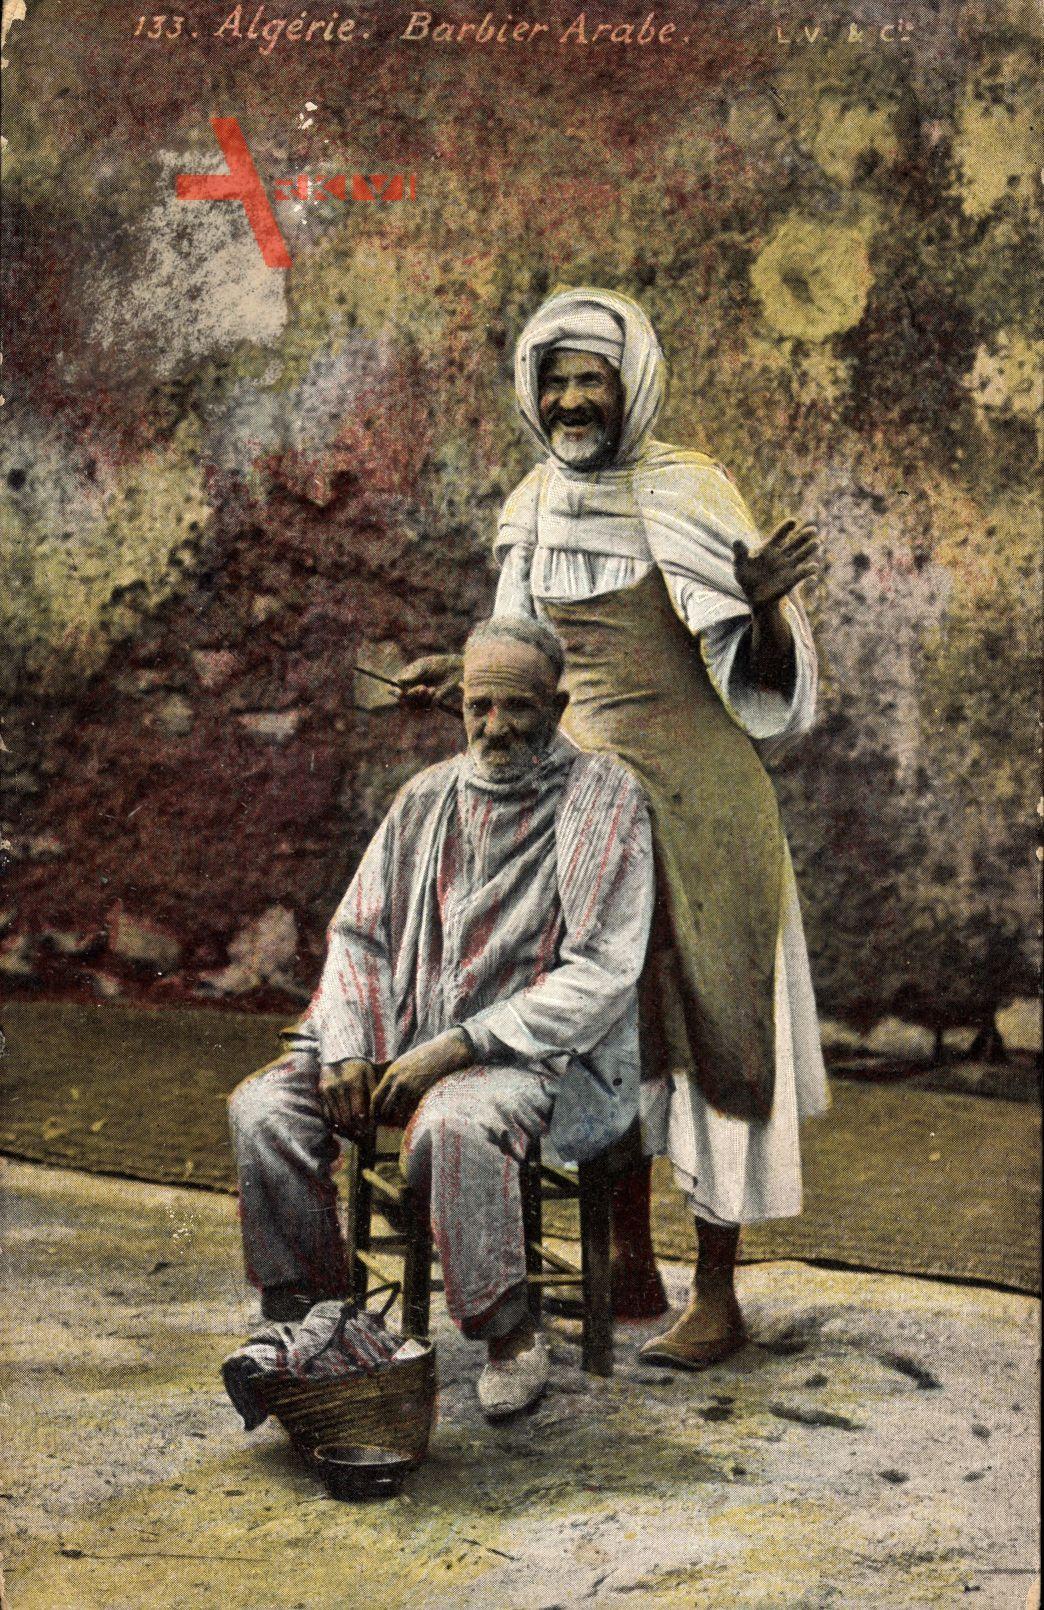 Algerien, Barbier Arabe, Friseur bei der Arbeit, alte Männer